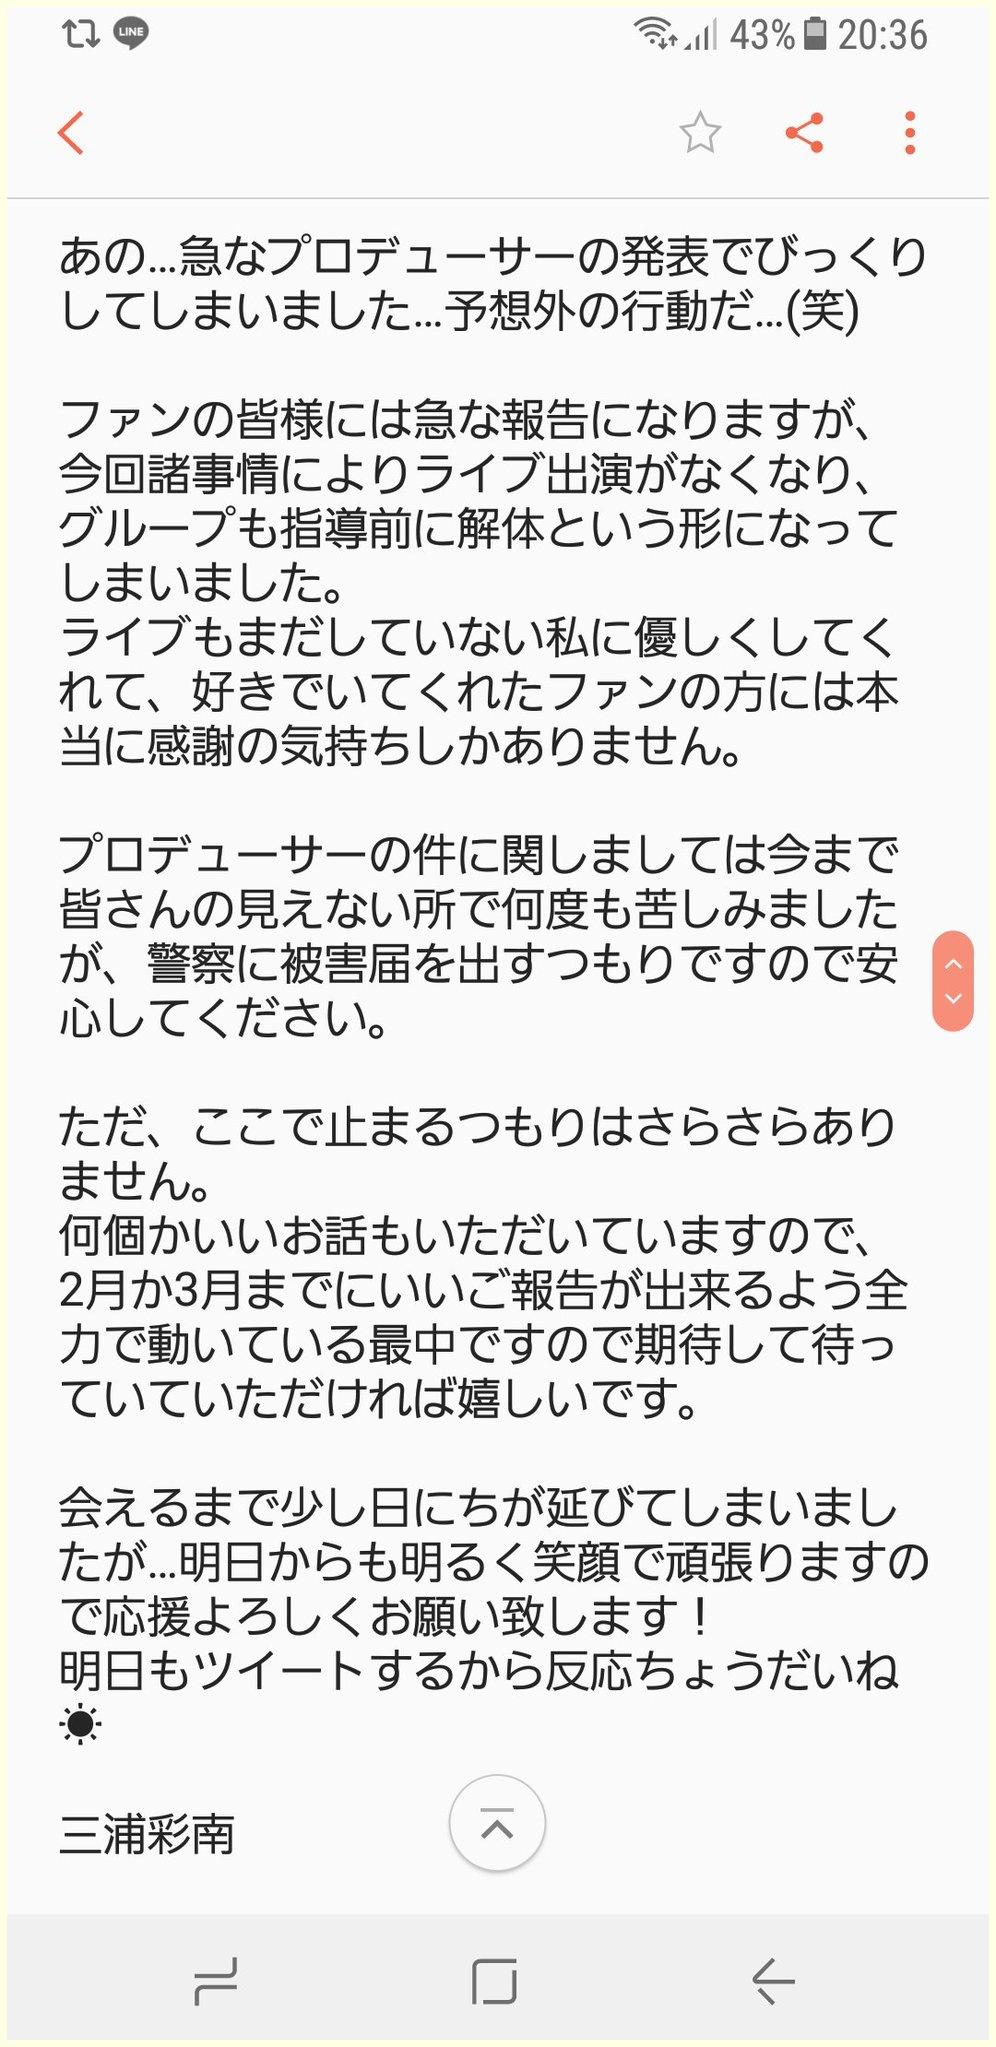 Kosai_Mirage_Miura_pic